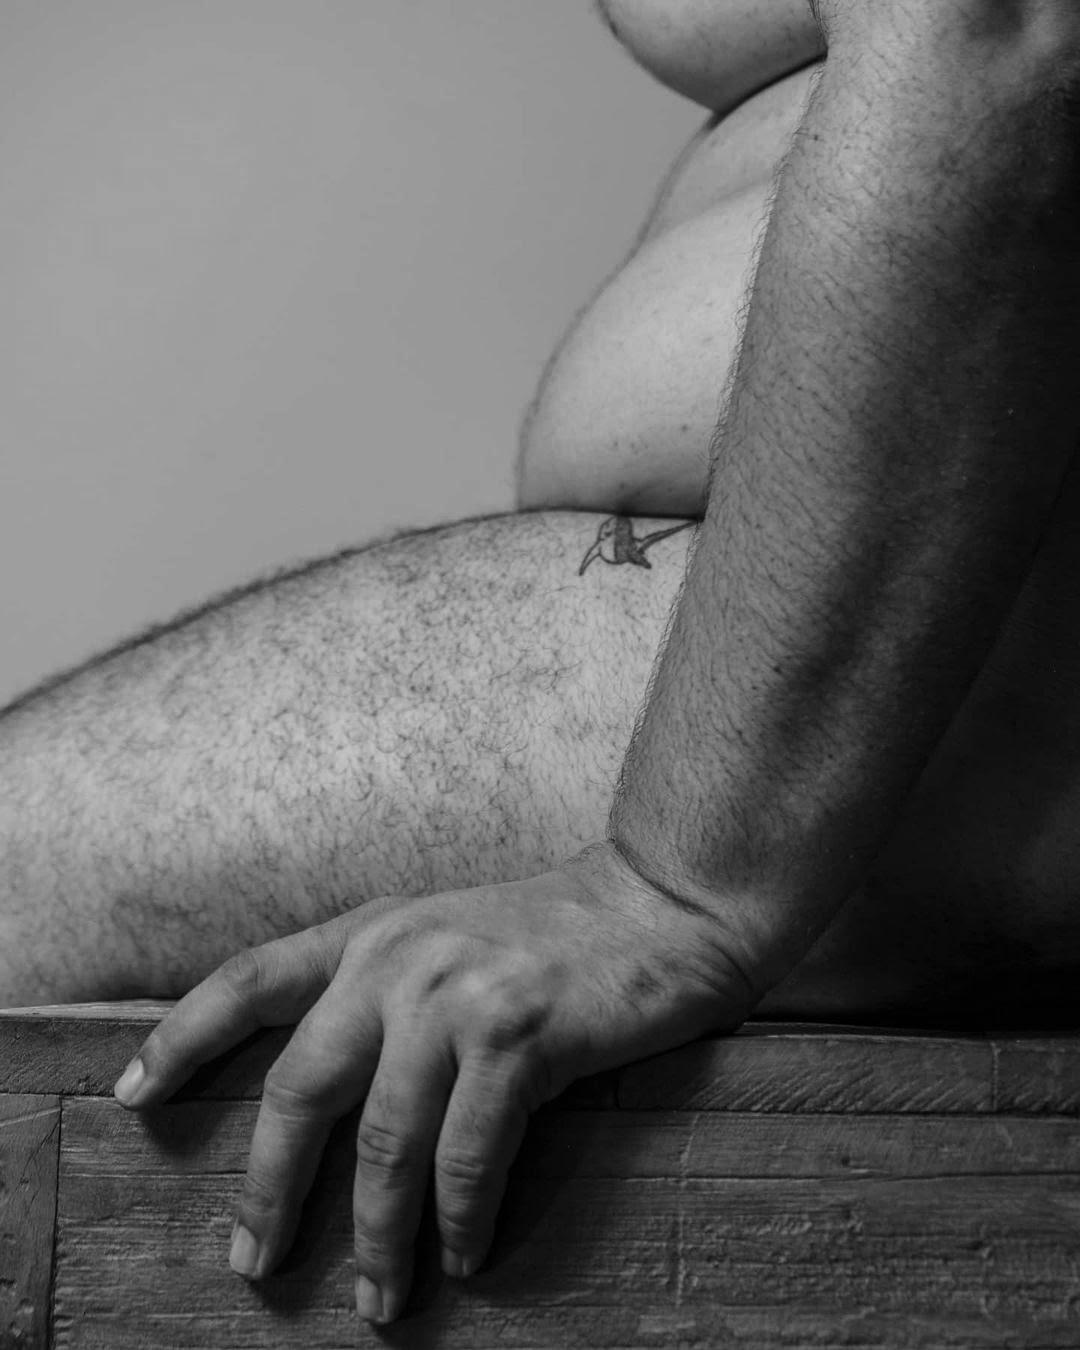 BodY, by Chico Castro ft Pinheiro Silva